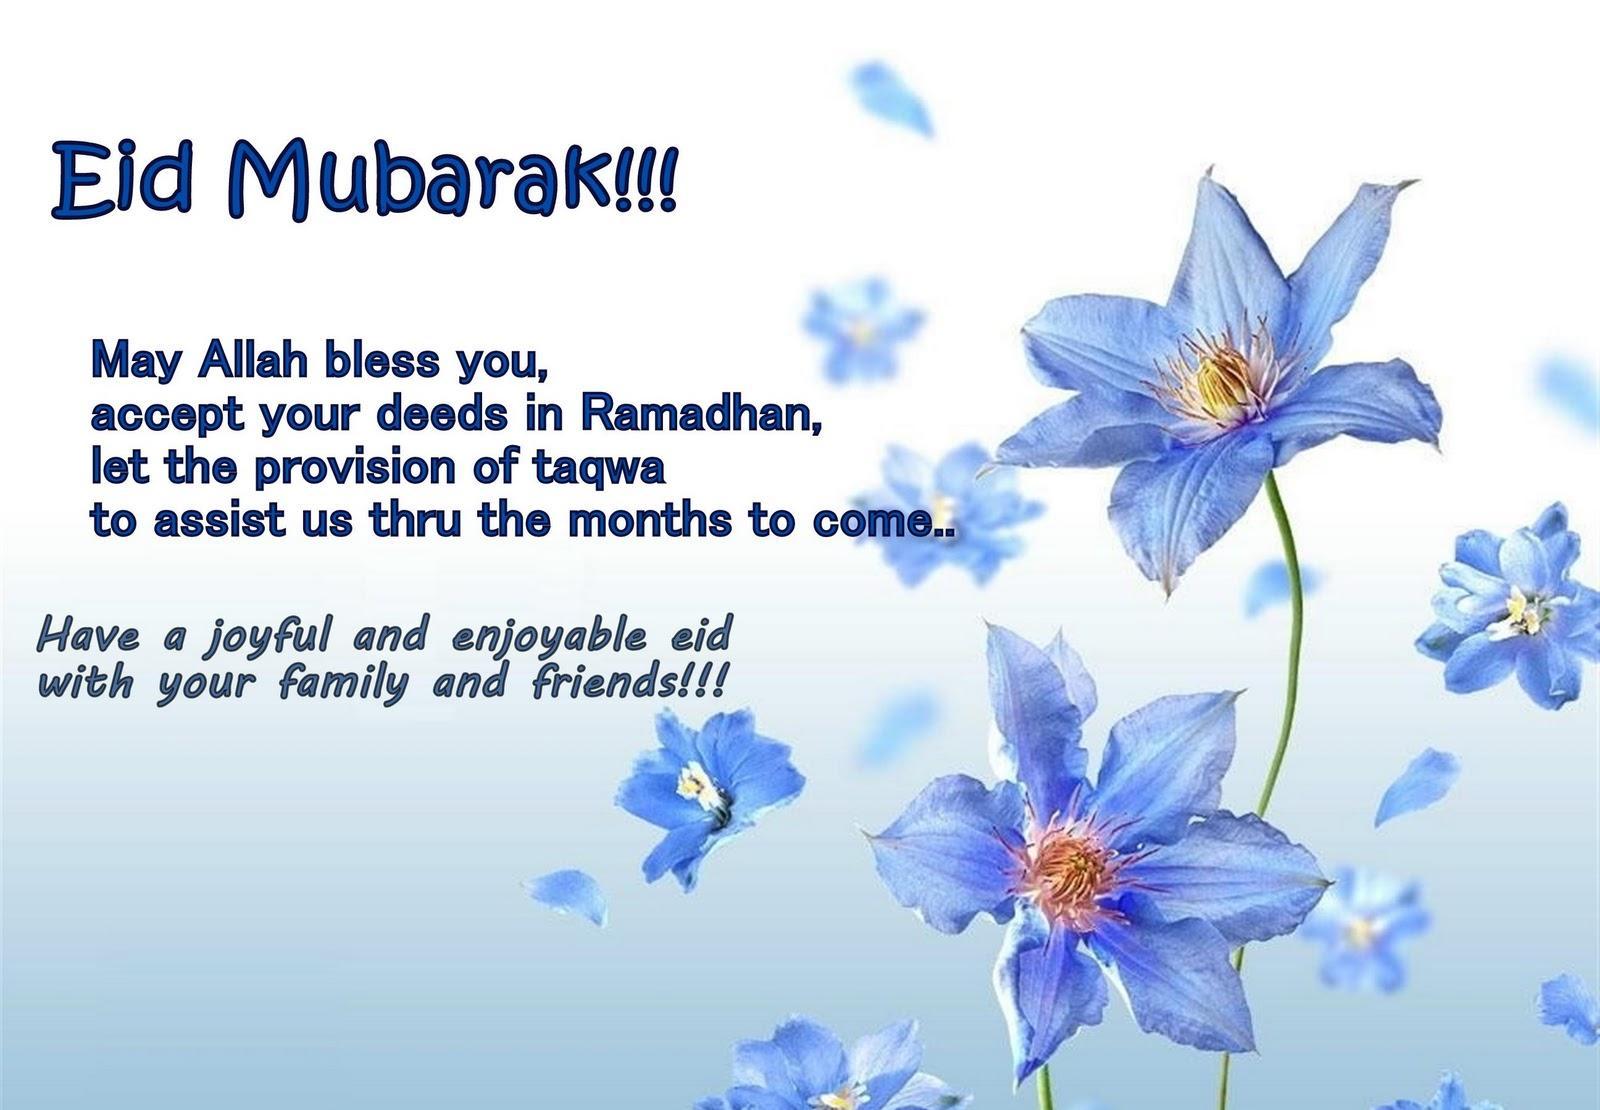 Eid mubarak wishes happy wishes have a joyful and enjoyable eid kristyandbryce Image collections